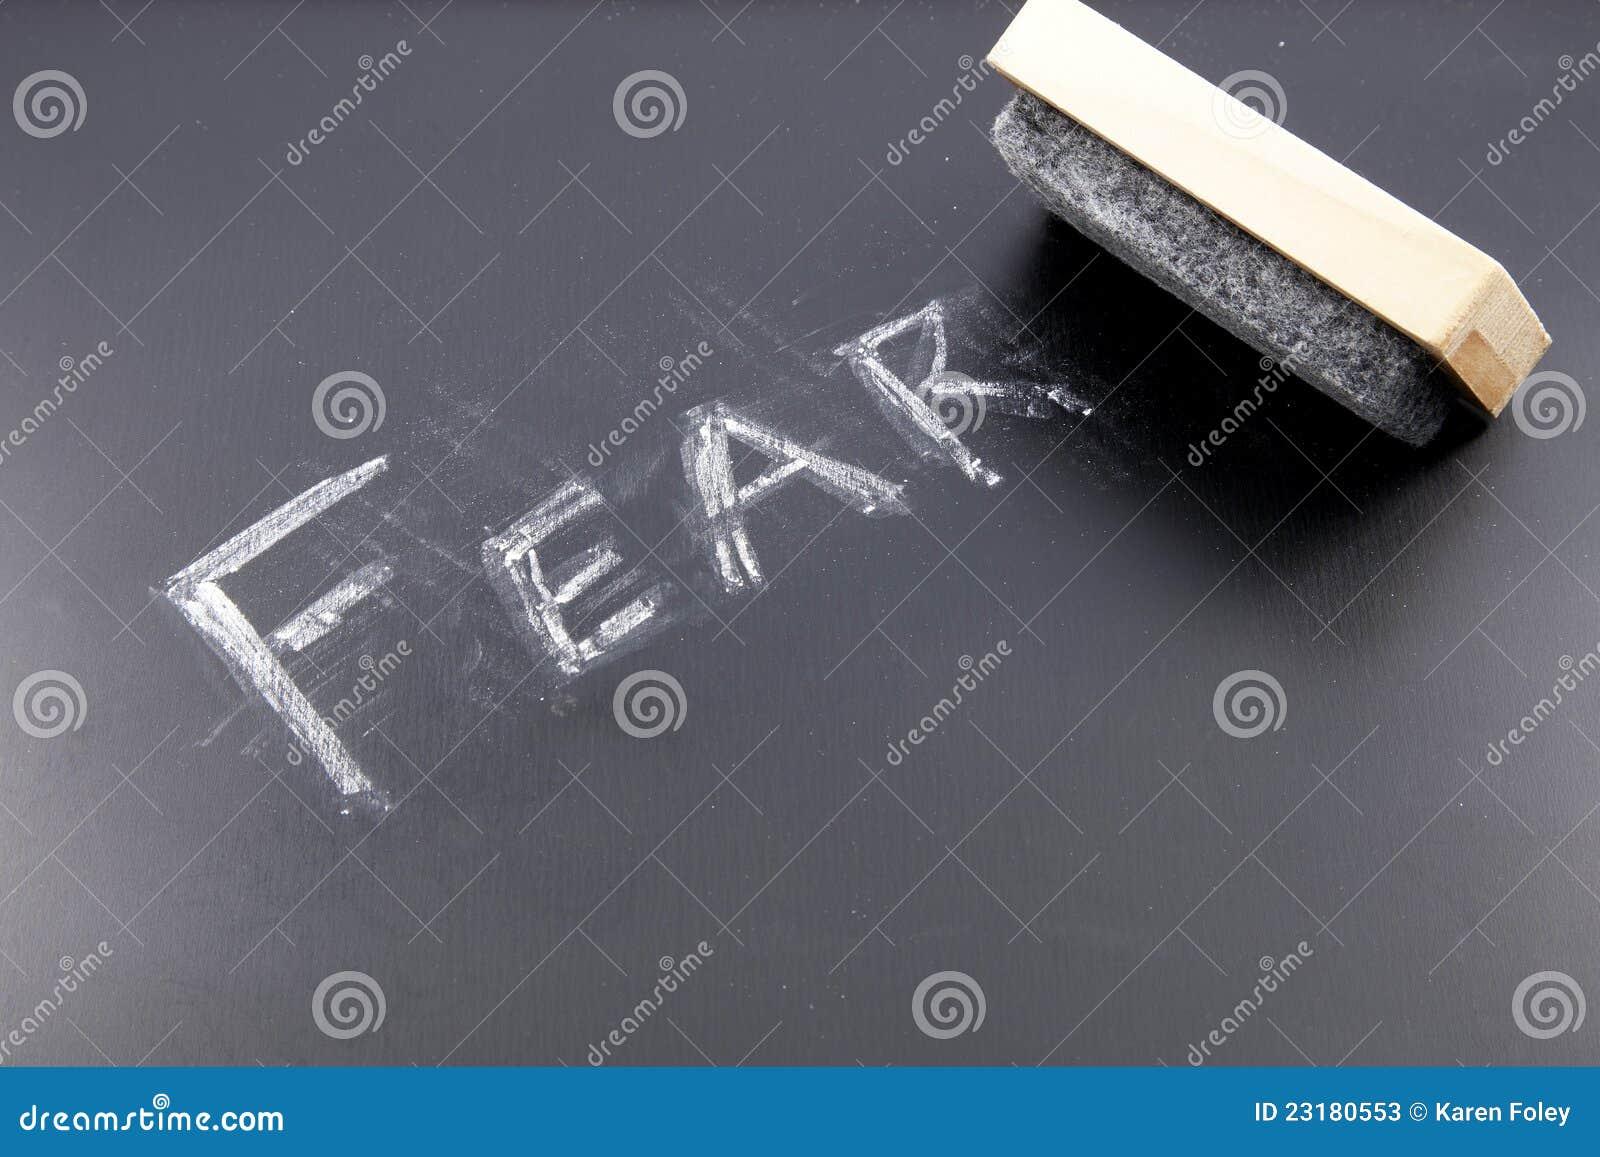 Löschen von Furcht